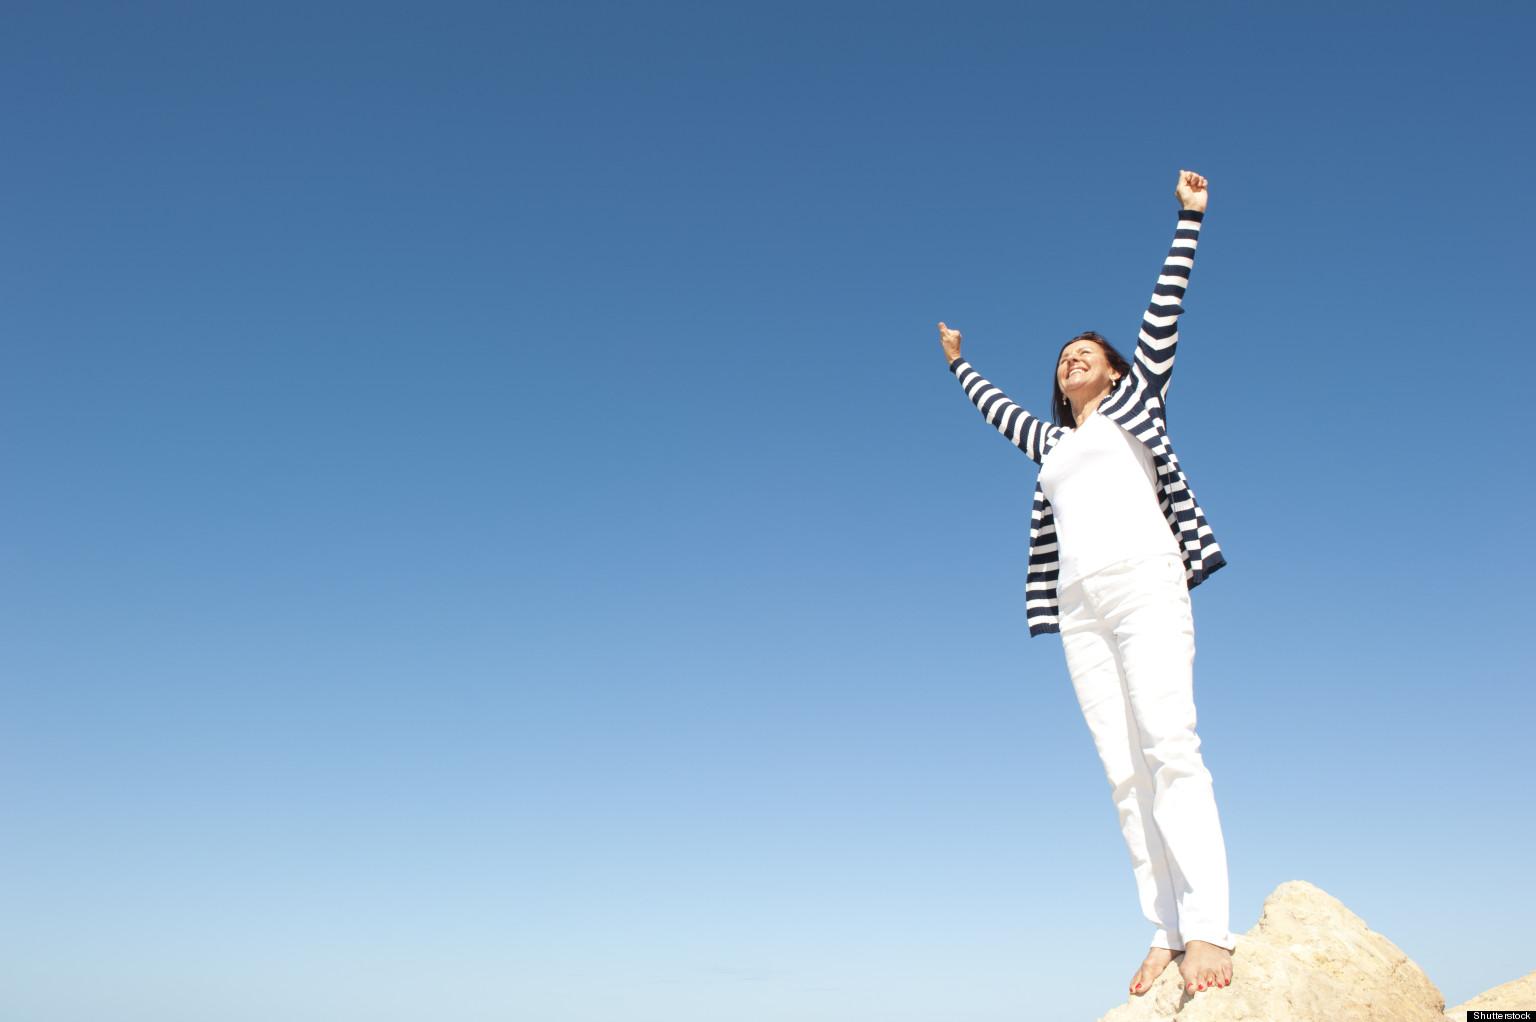 Как перестать бояться неудач и решиться действовать: ответ психолога - фото №2